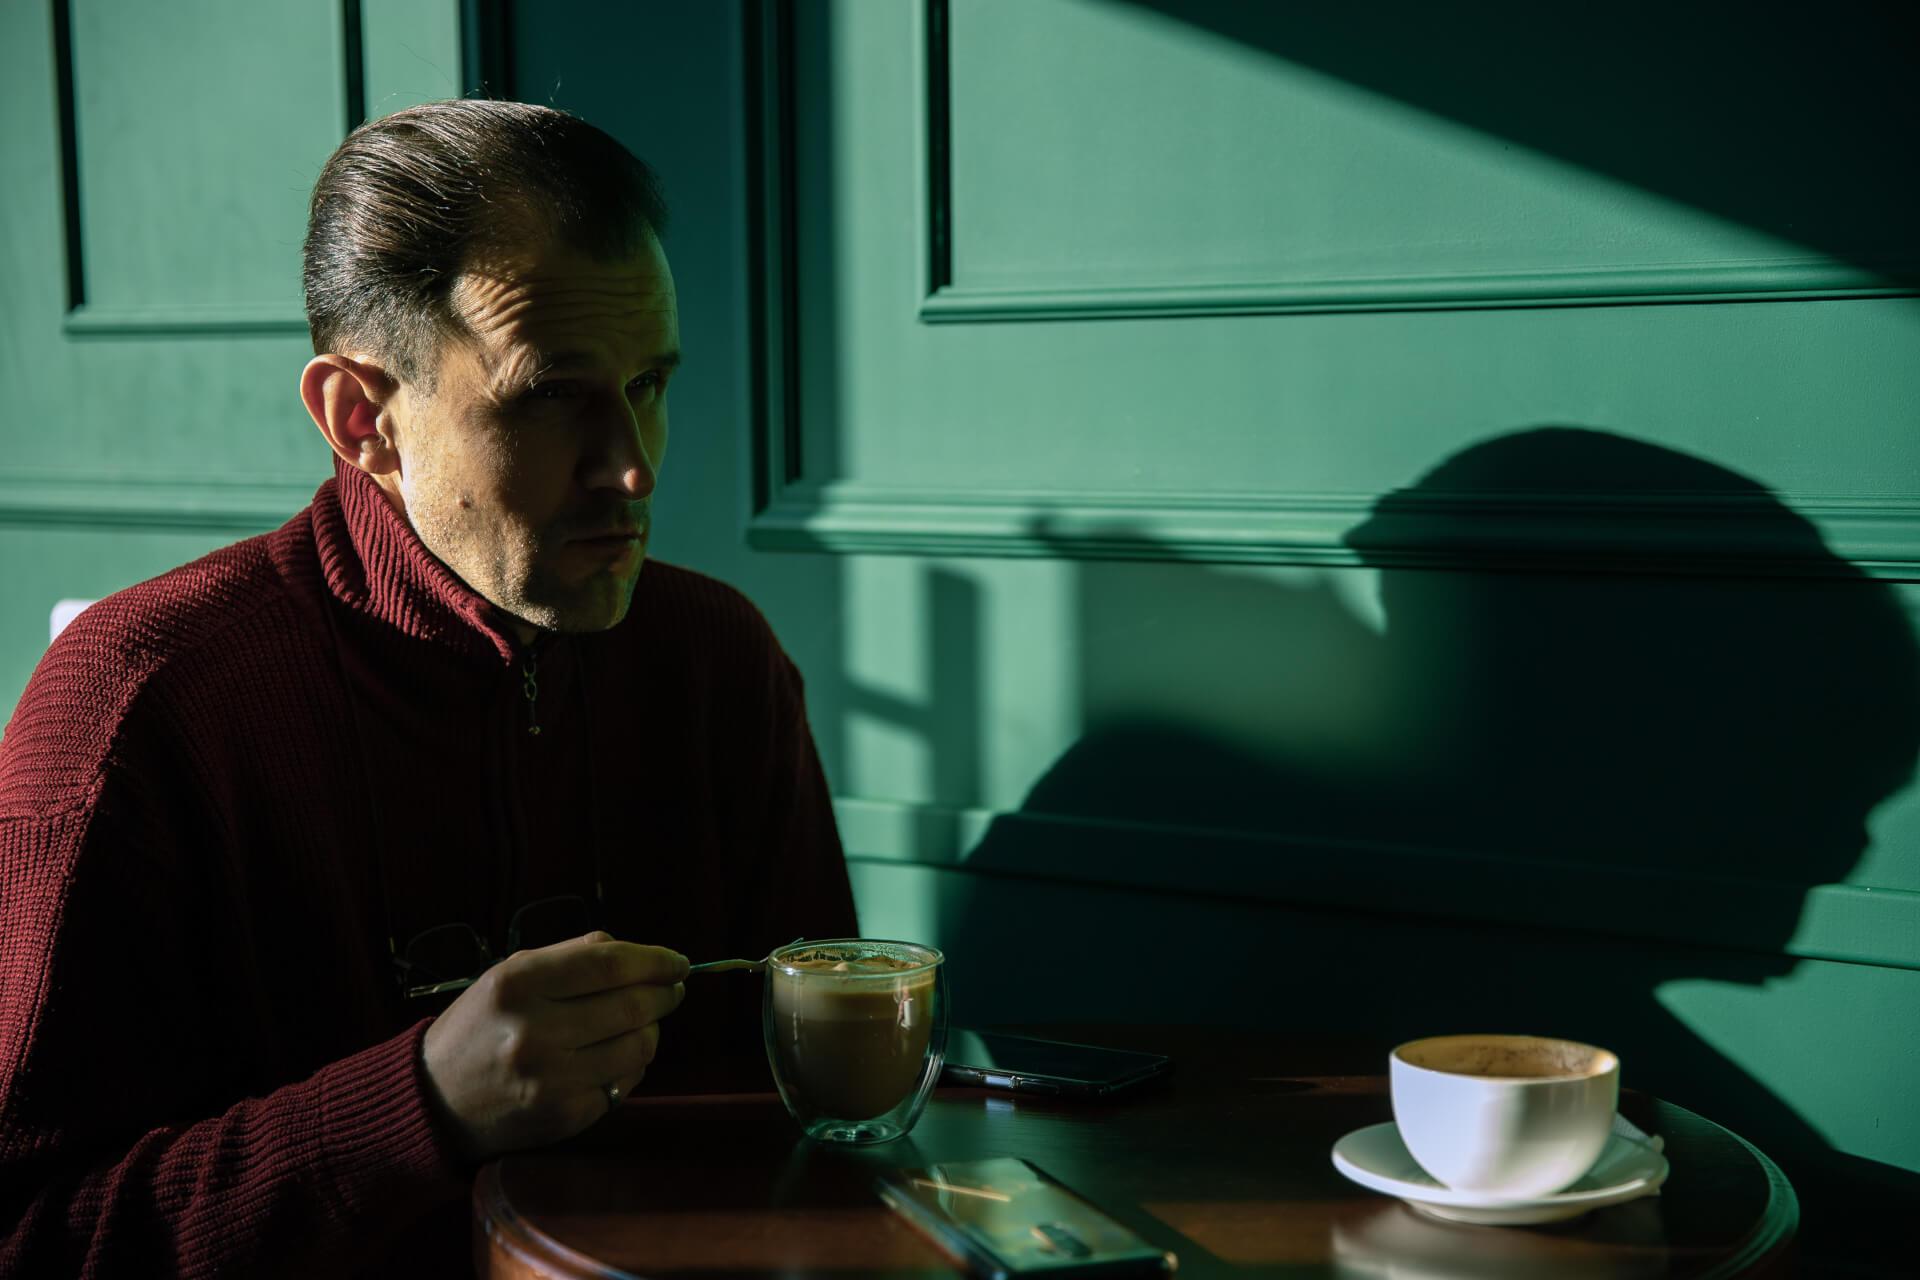 """Петро Власійчук про журналістику, Коломию, яку не вважає містом, та """"Букініст"""", що став його домом"""